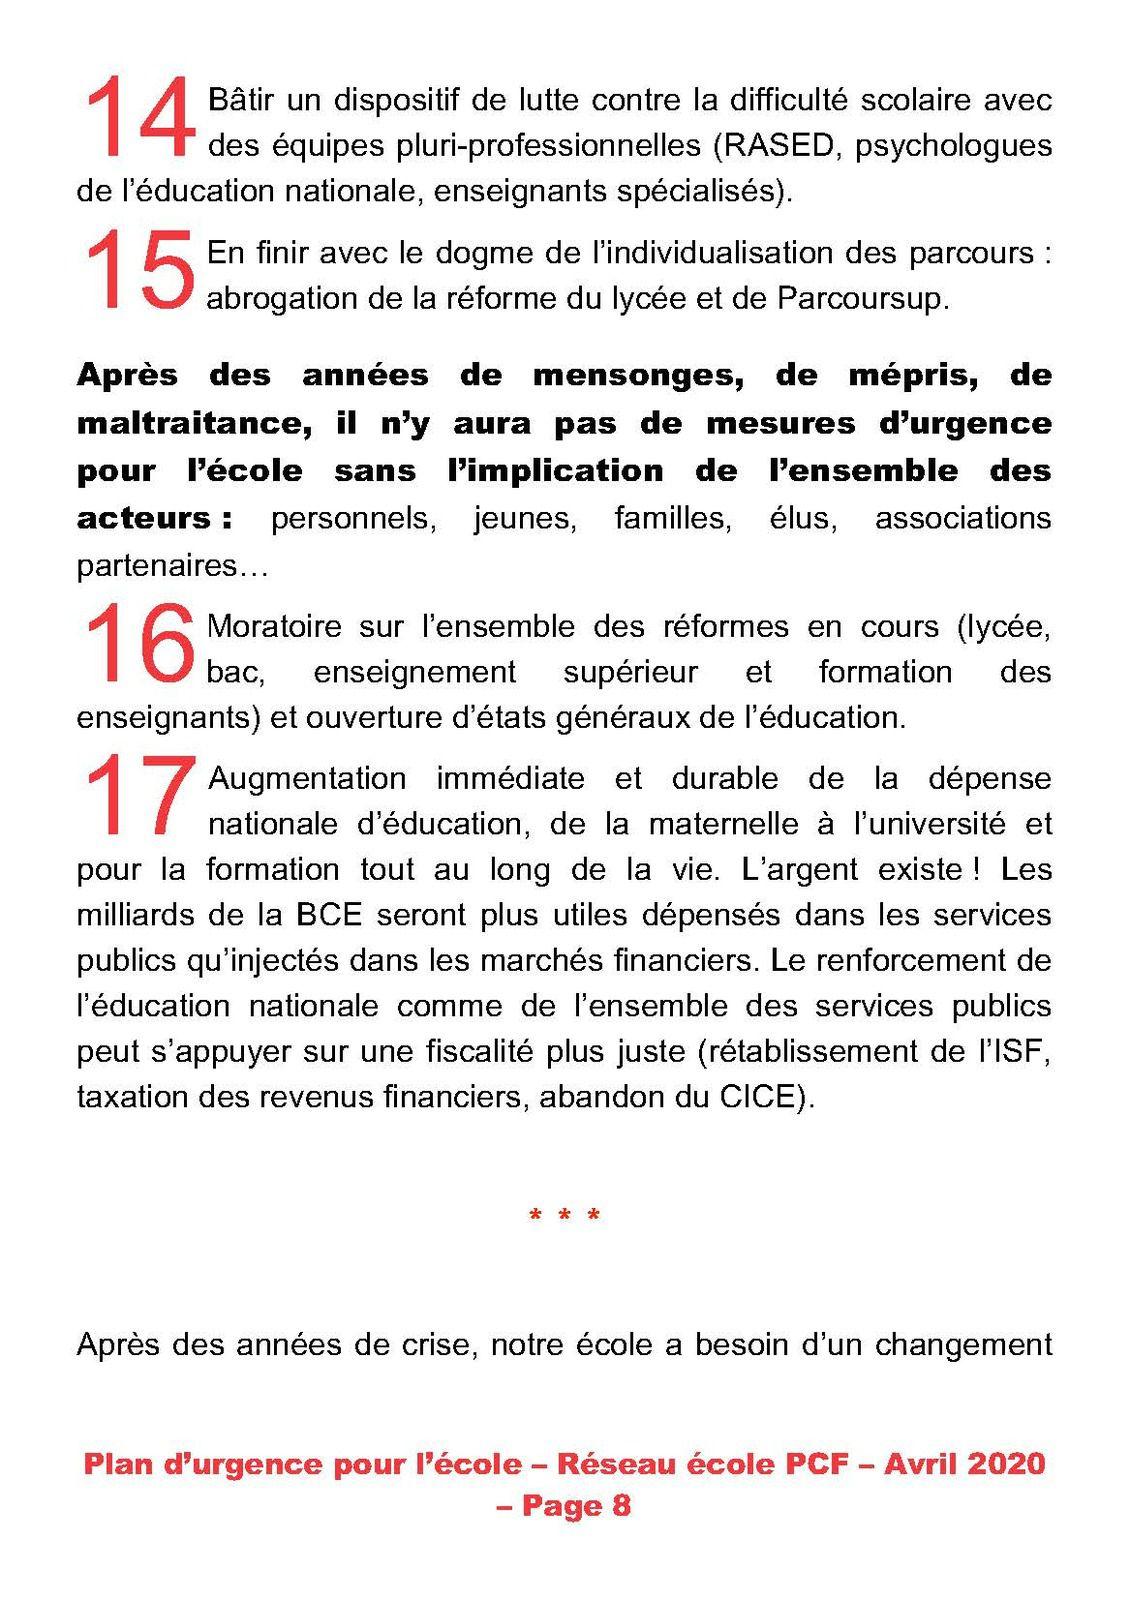 PCF - Un plan d'urgence pour l'éducation